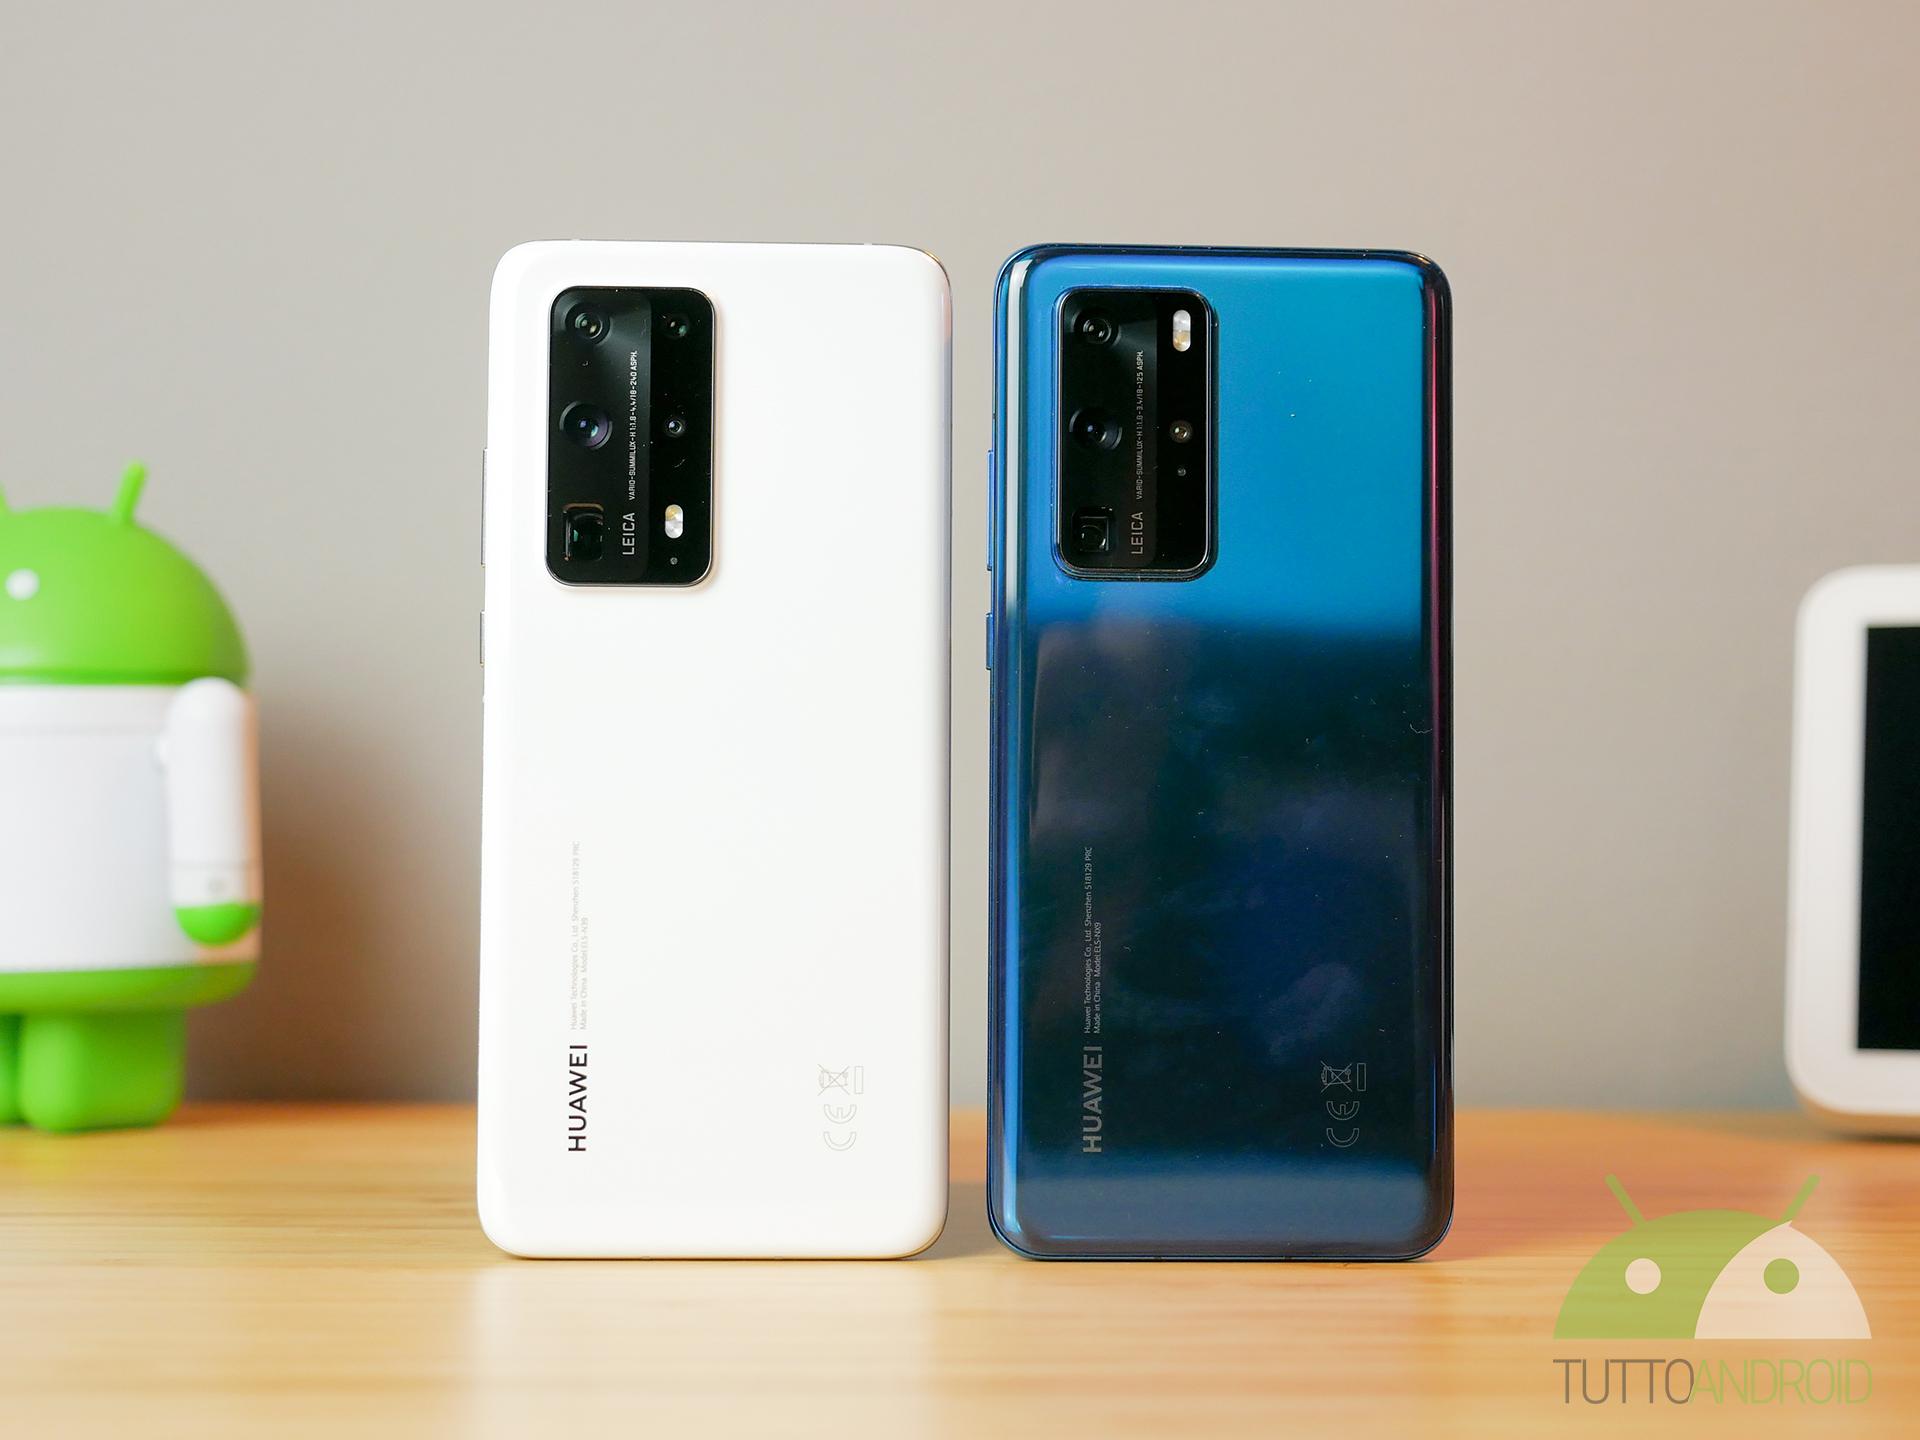 Si torna a parlare della data di presentazione della gamma Huawei P50